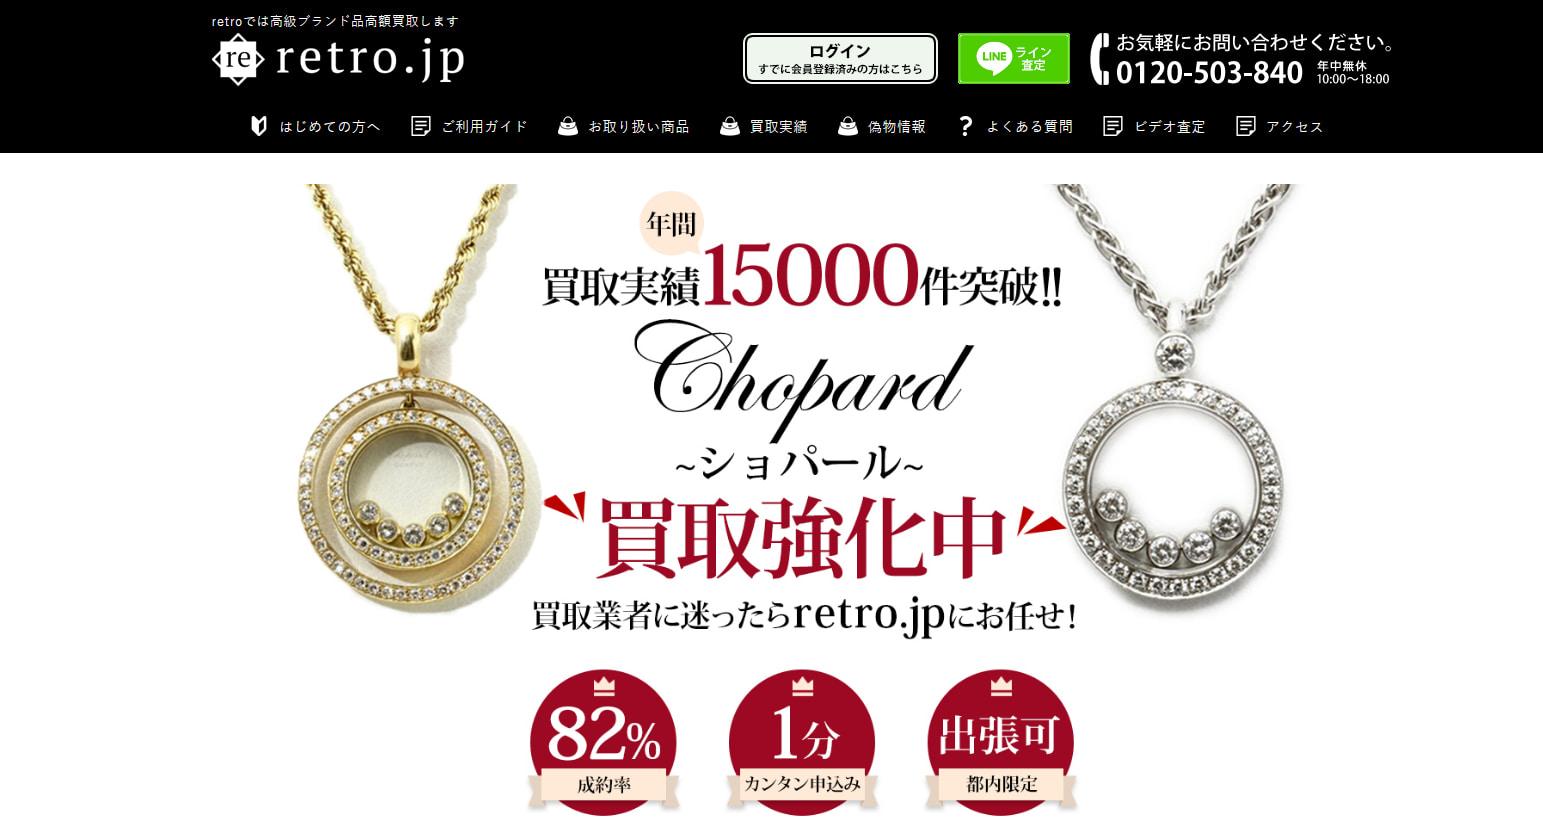 ショパール買取おすすめ店retro.jp